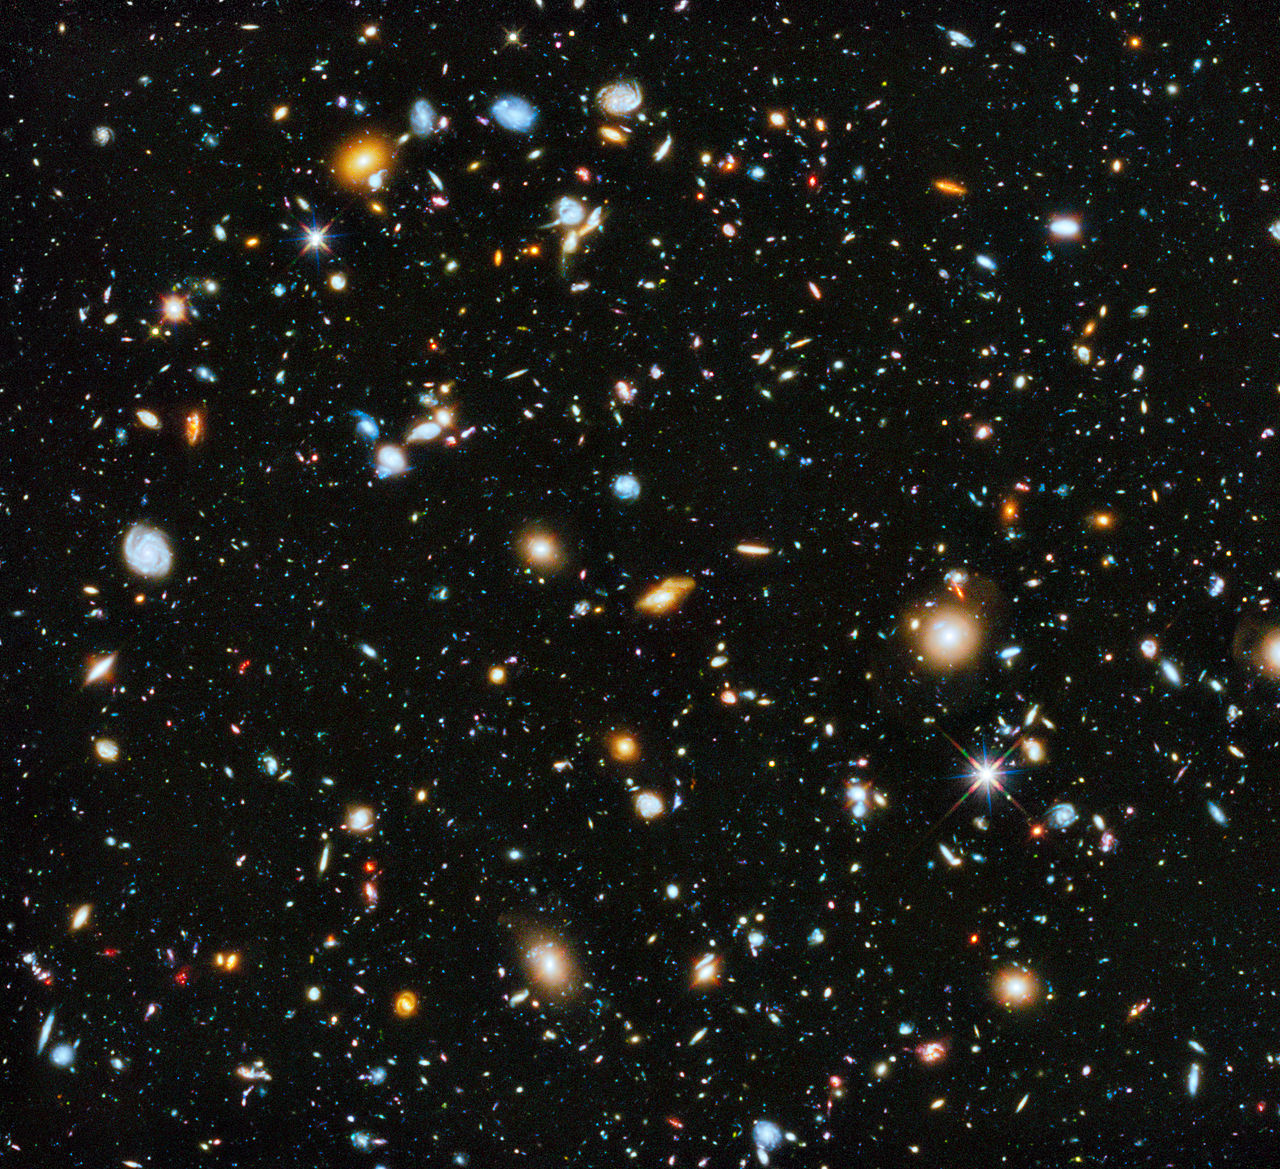 https://en.wikipedia.org/wiki/Hubble_Ultra-Deep_Field